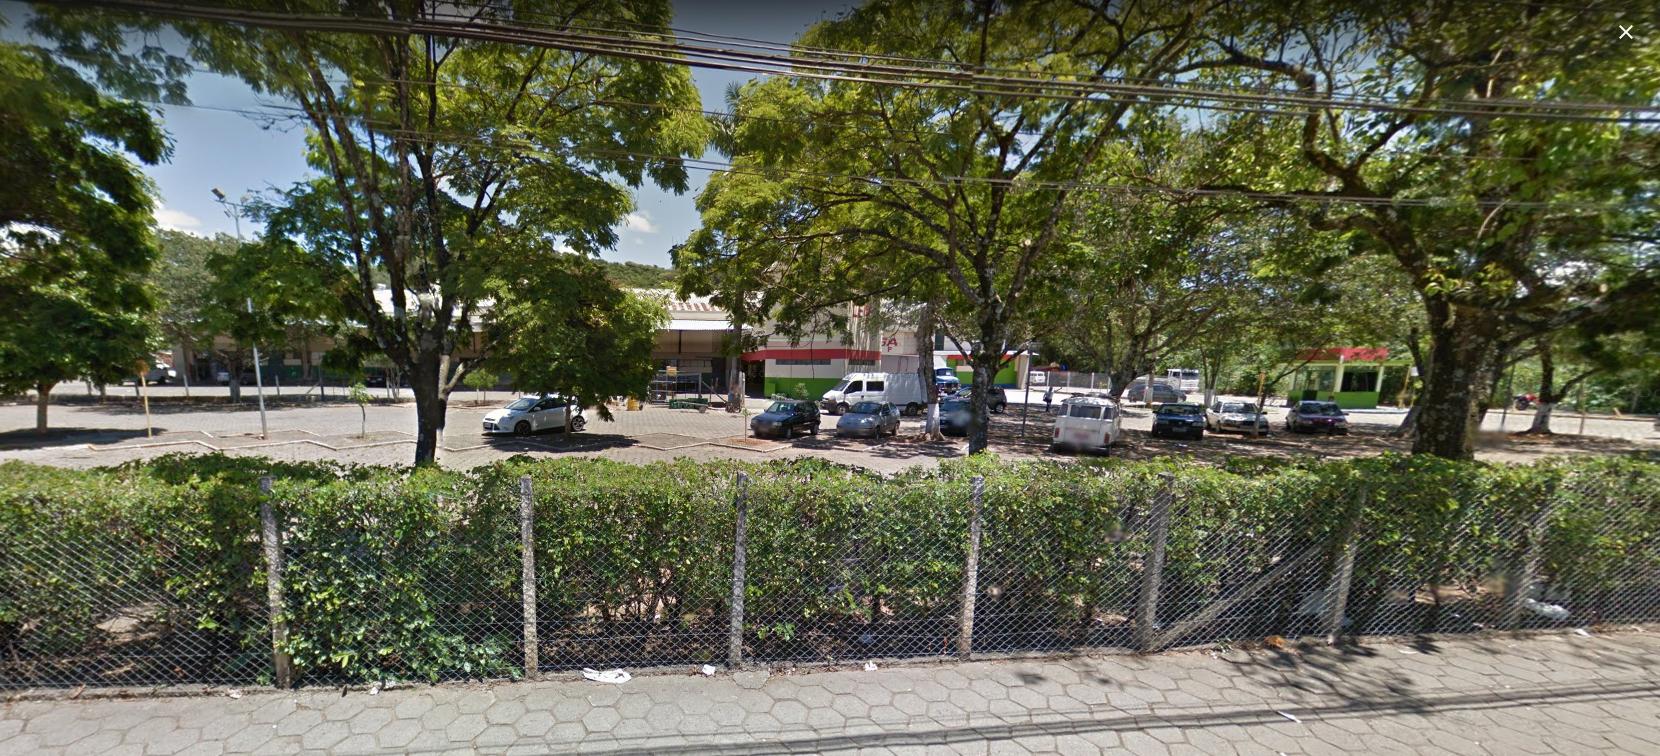 Estacionamento do Ceasa será cobrado e renda destinada a instituições